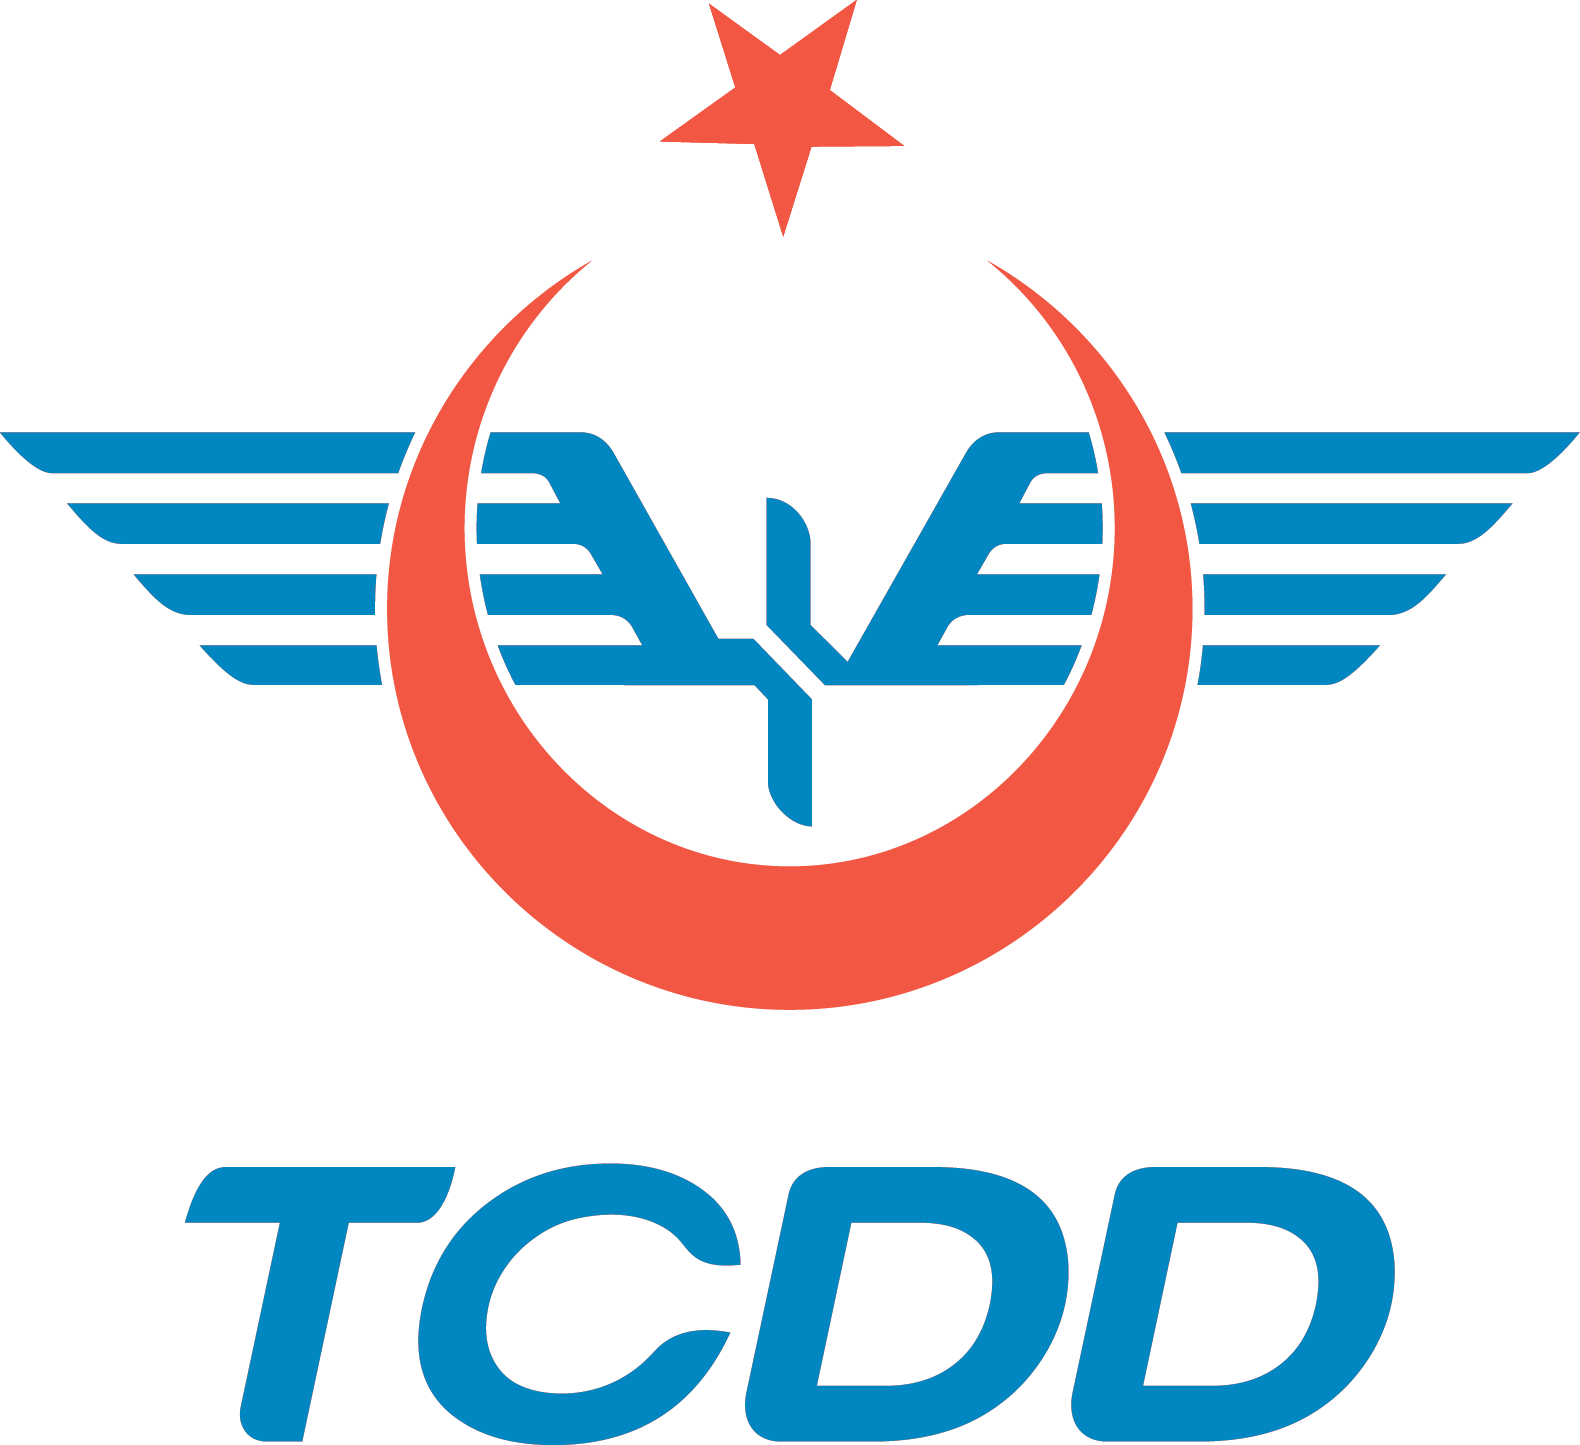 tcdd vector